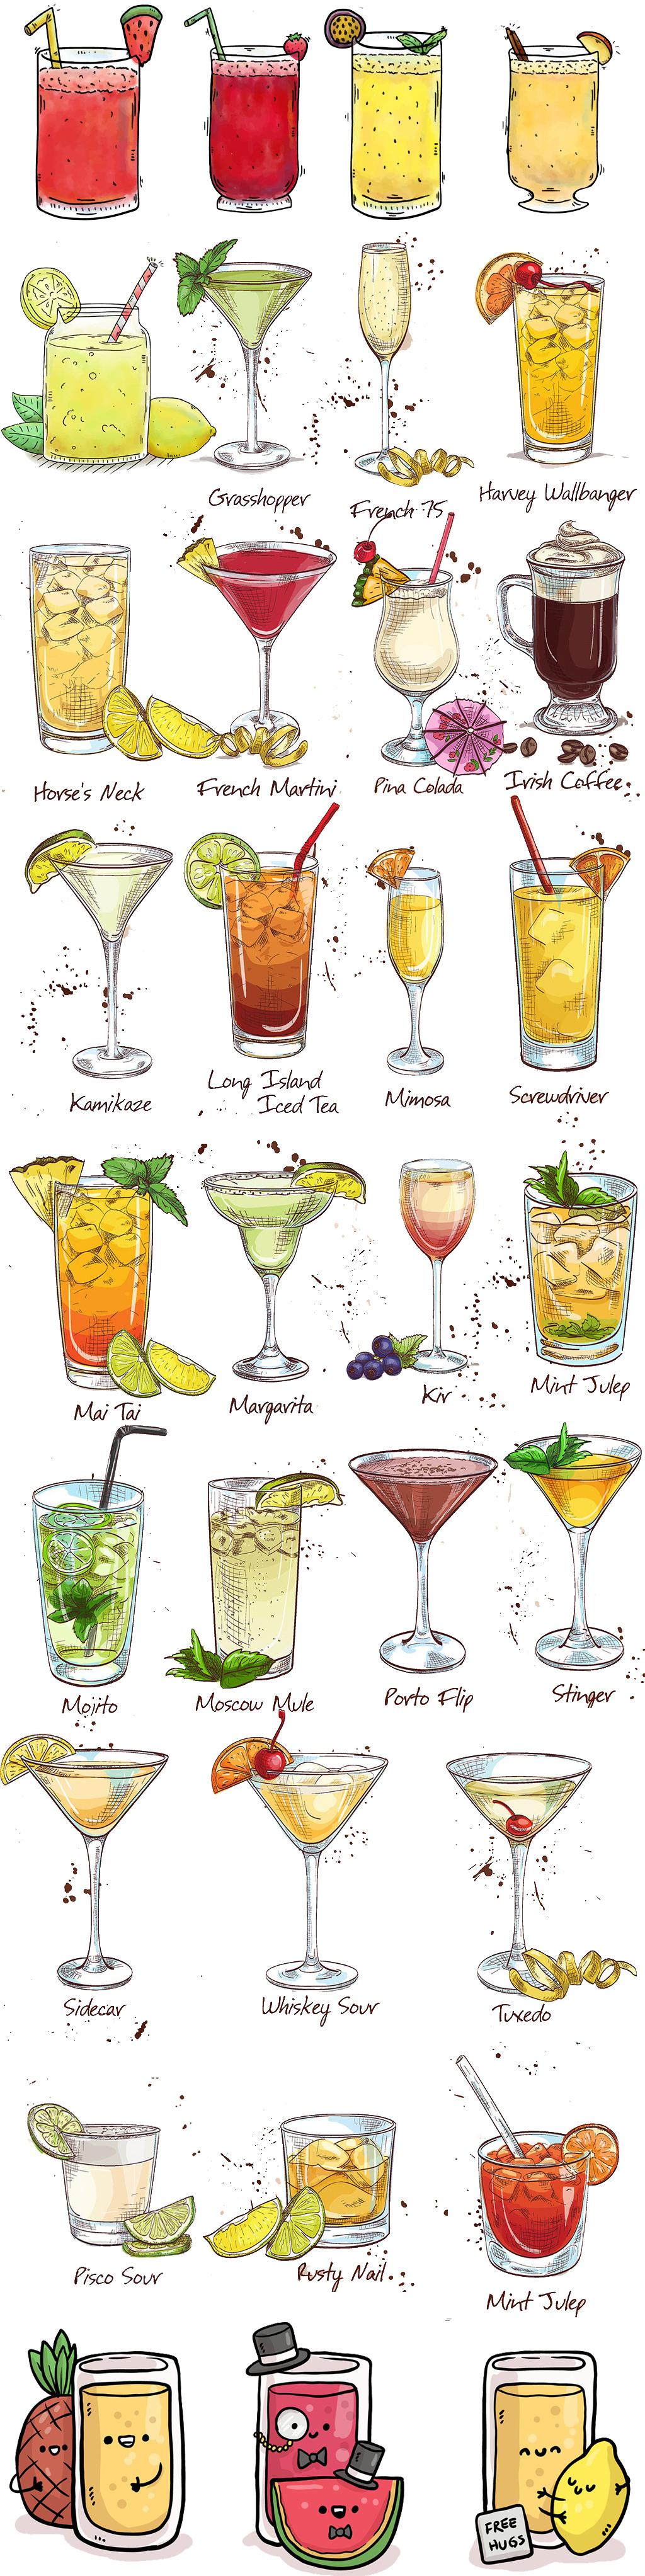 手绘卡通冷饮奶茶饮料海报背景素材酒水饮料